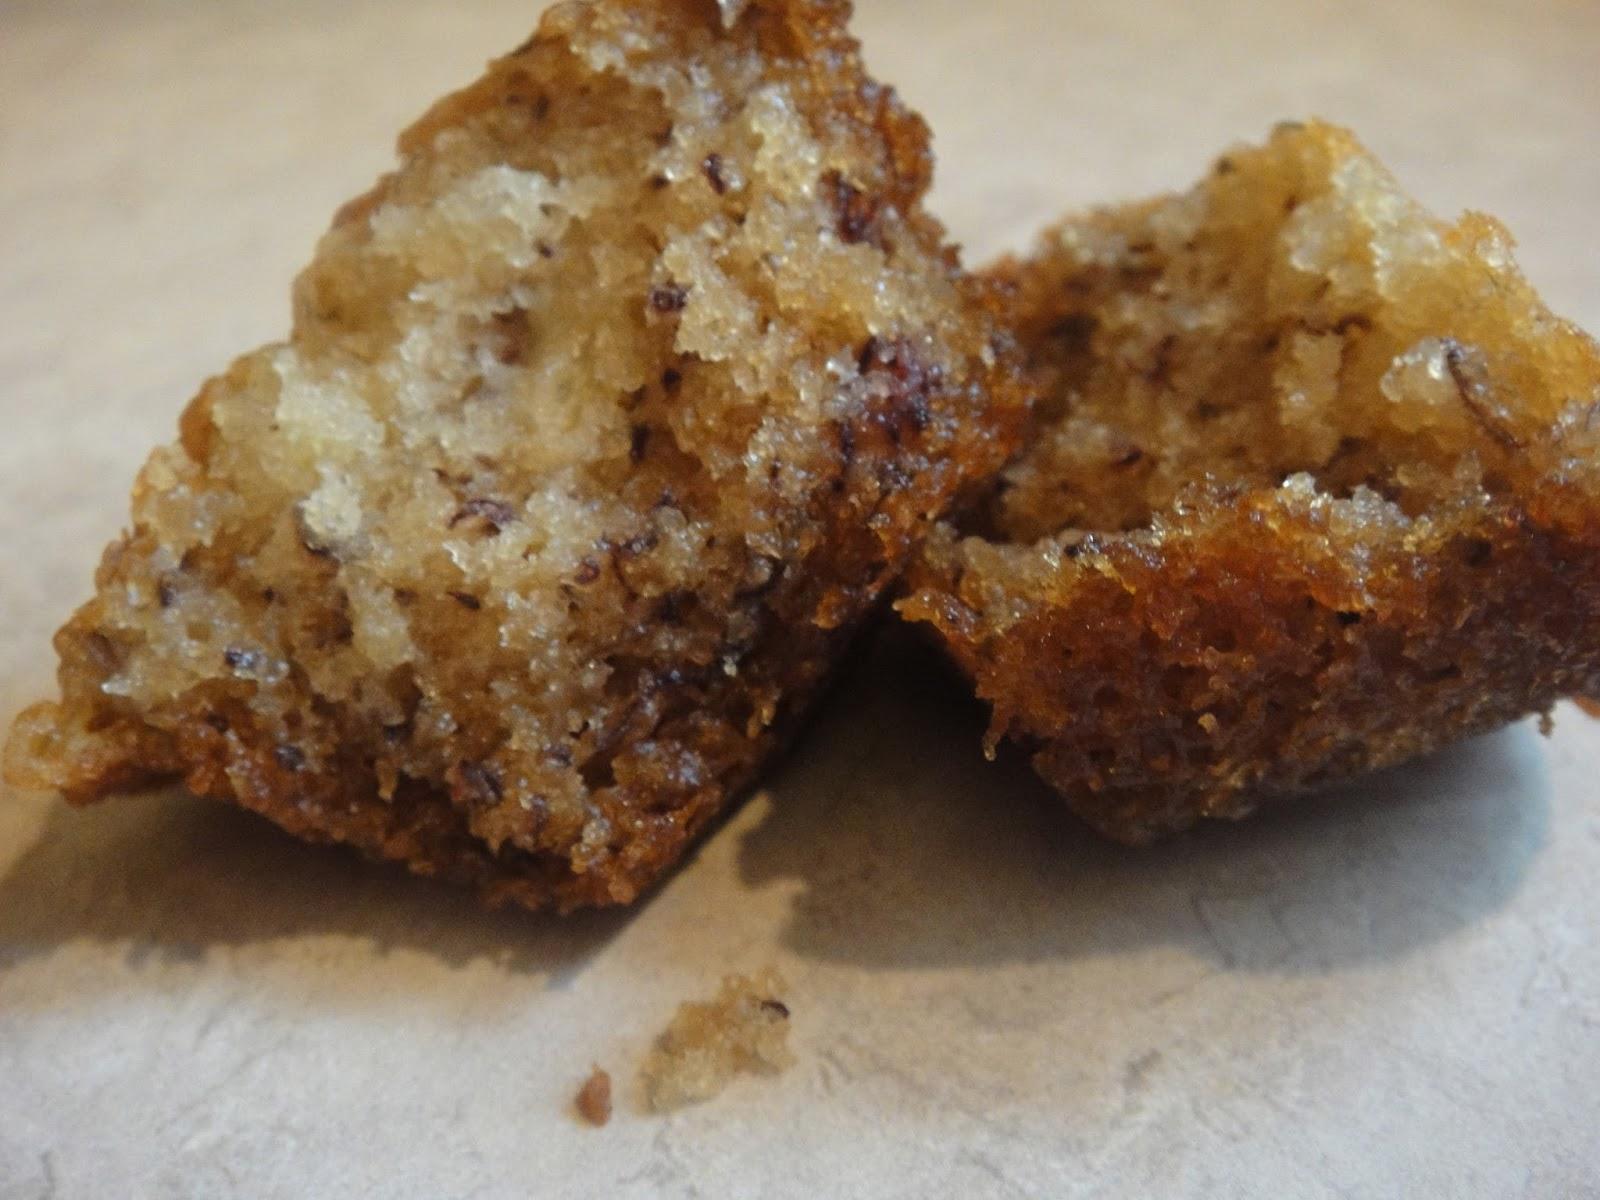 Gluten freedom ny banana bread mini muffins banana bread mini muffins forumfinder Gallery